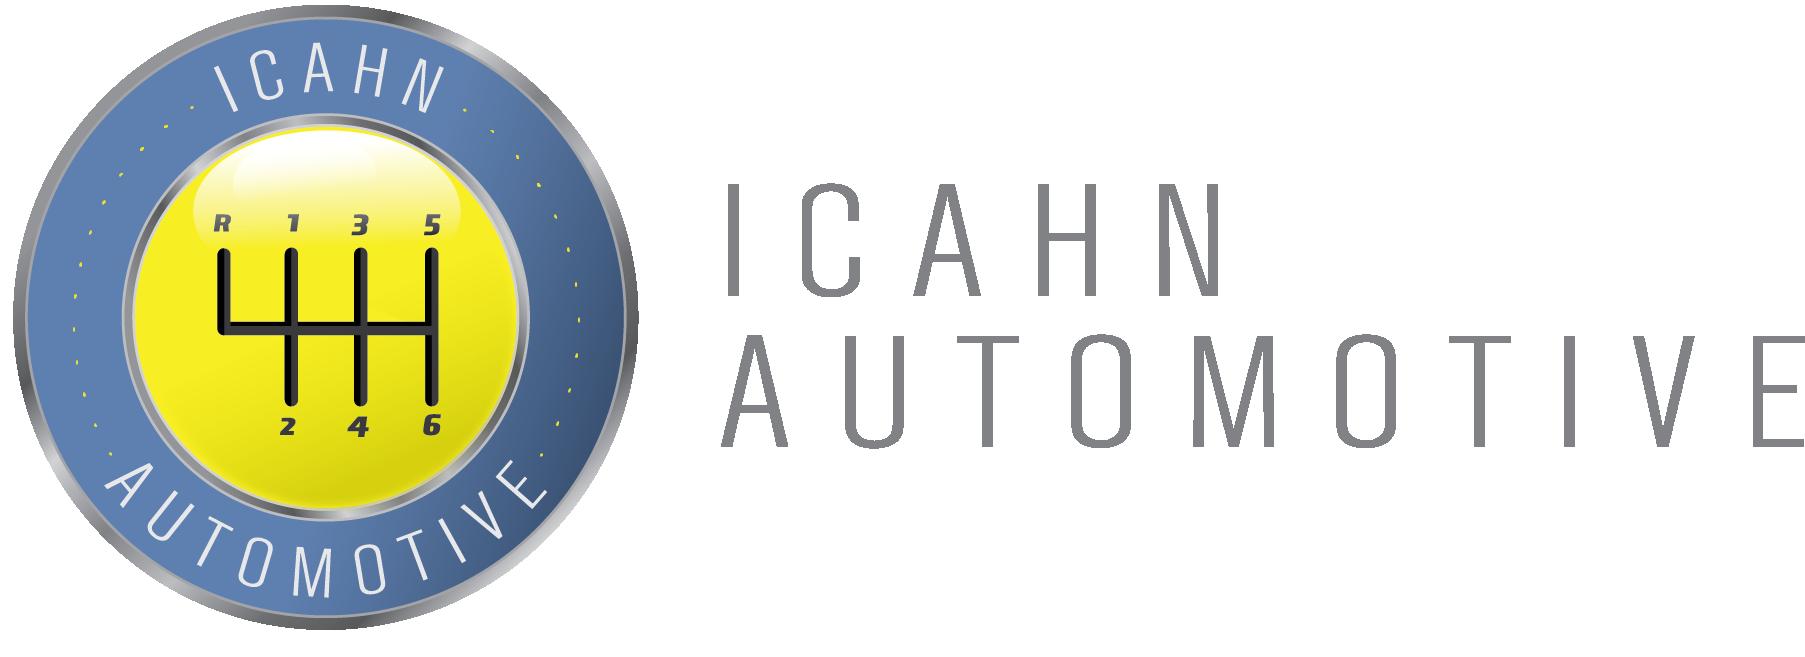 Icahn Automotive Buys RPM Automotive